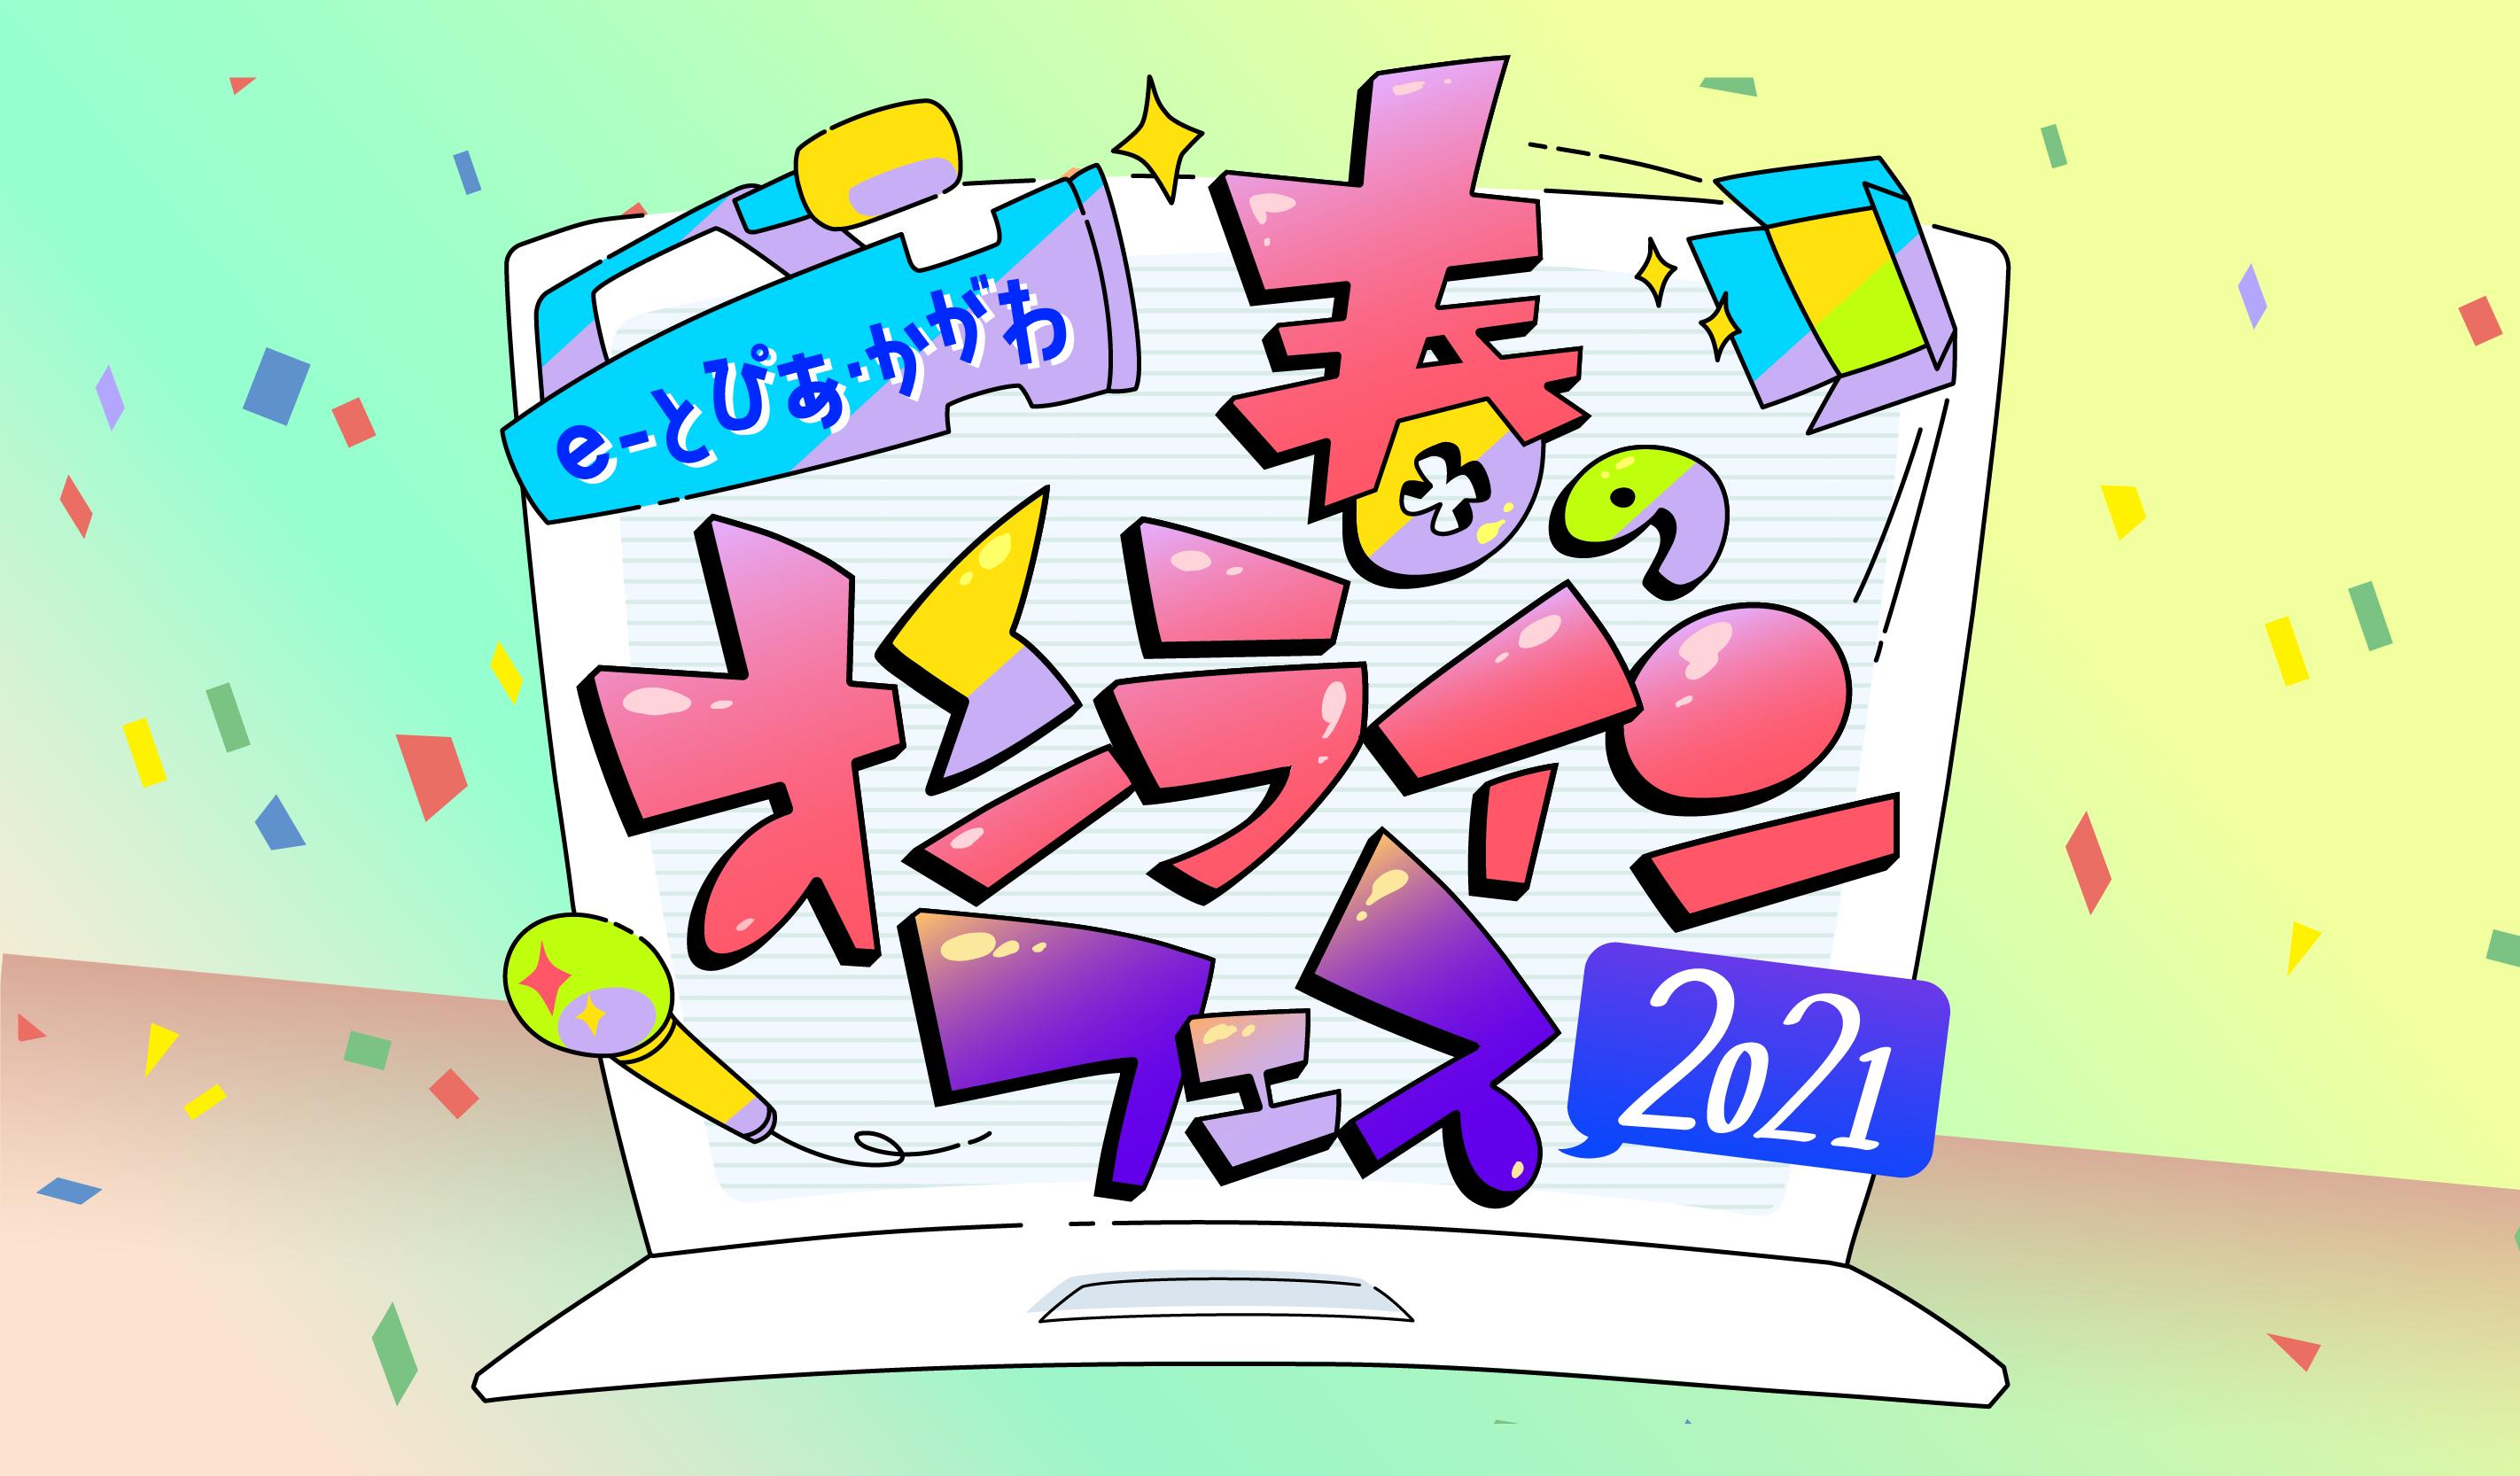 e-とぴあ・かがわ 春のオンラインフェス 2021